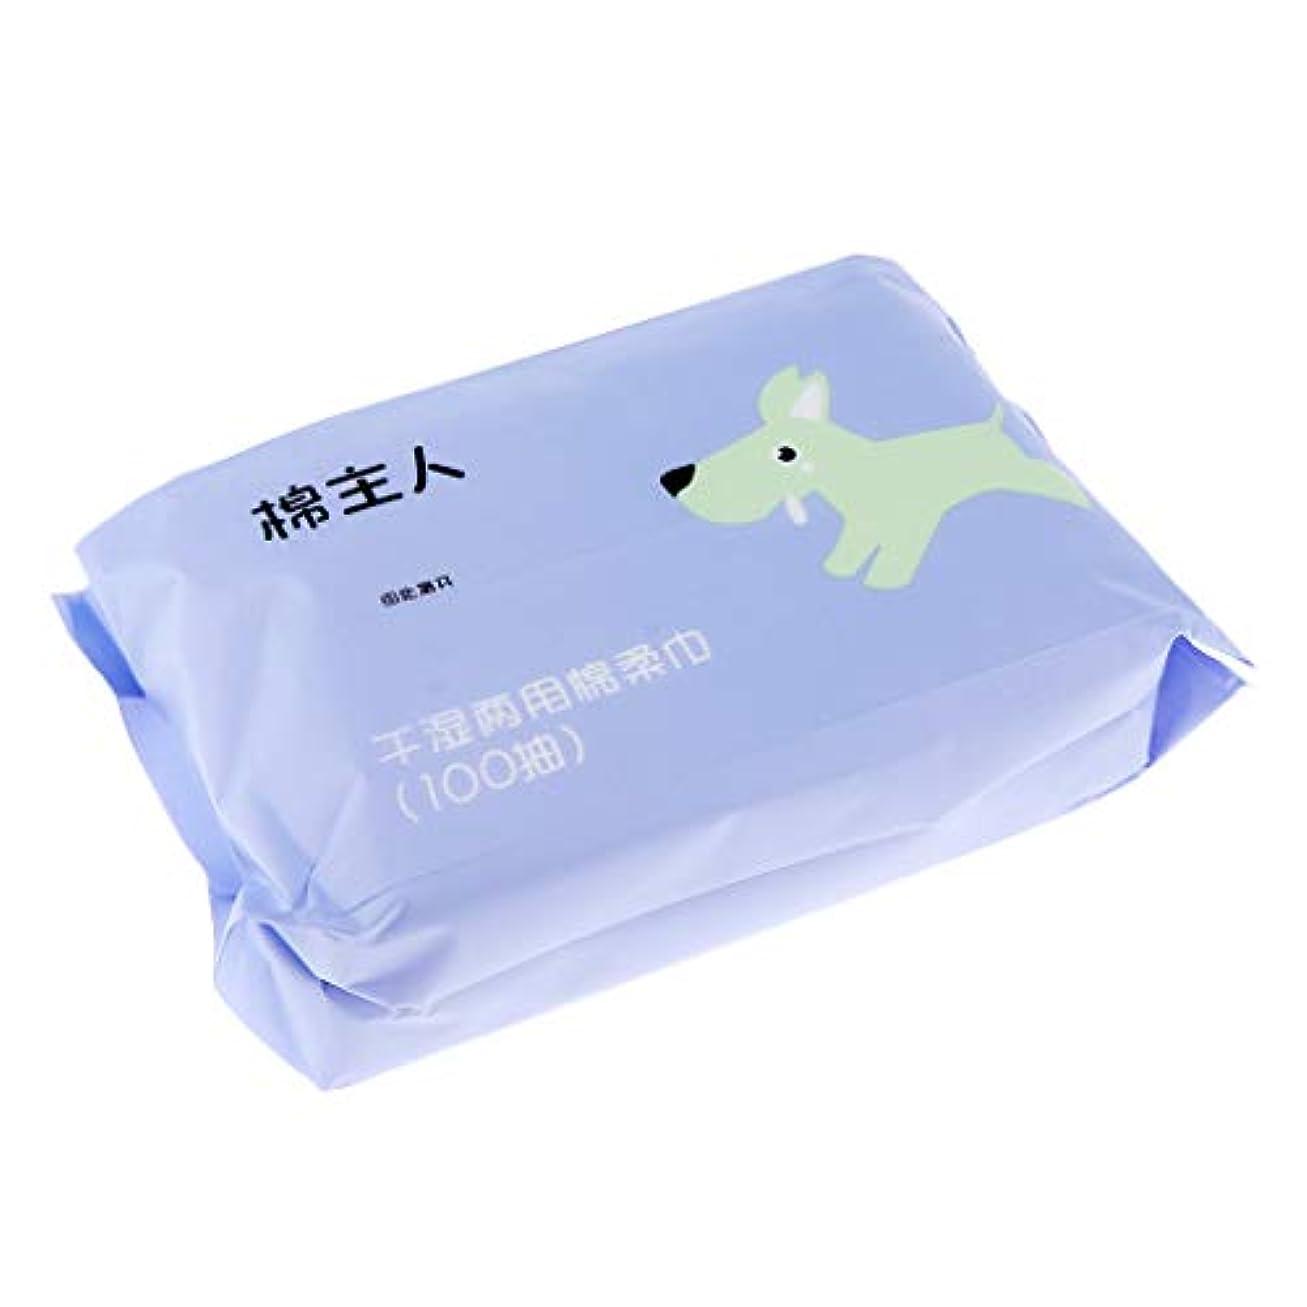 王朝書誌一見約100枚 使い捨て クレンジングシート メイク落とし 化粧品 ソフト 2色選べ - 青紫